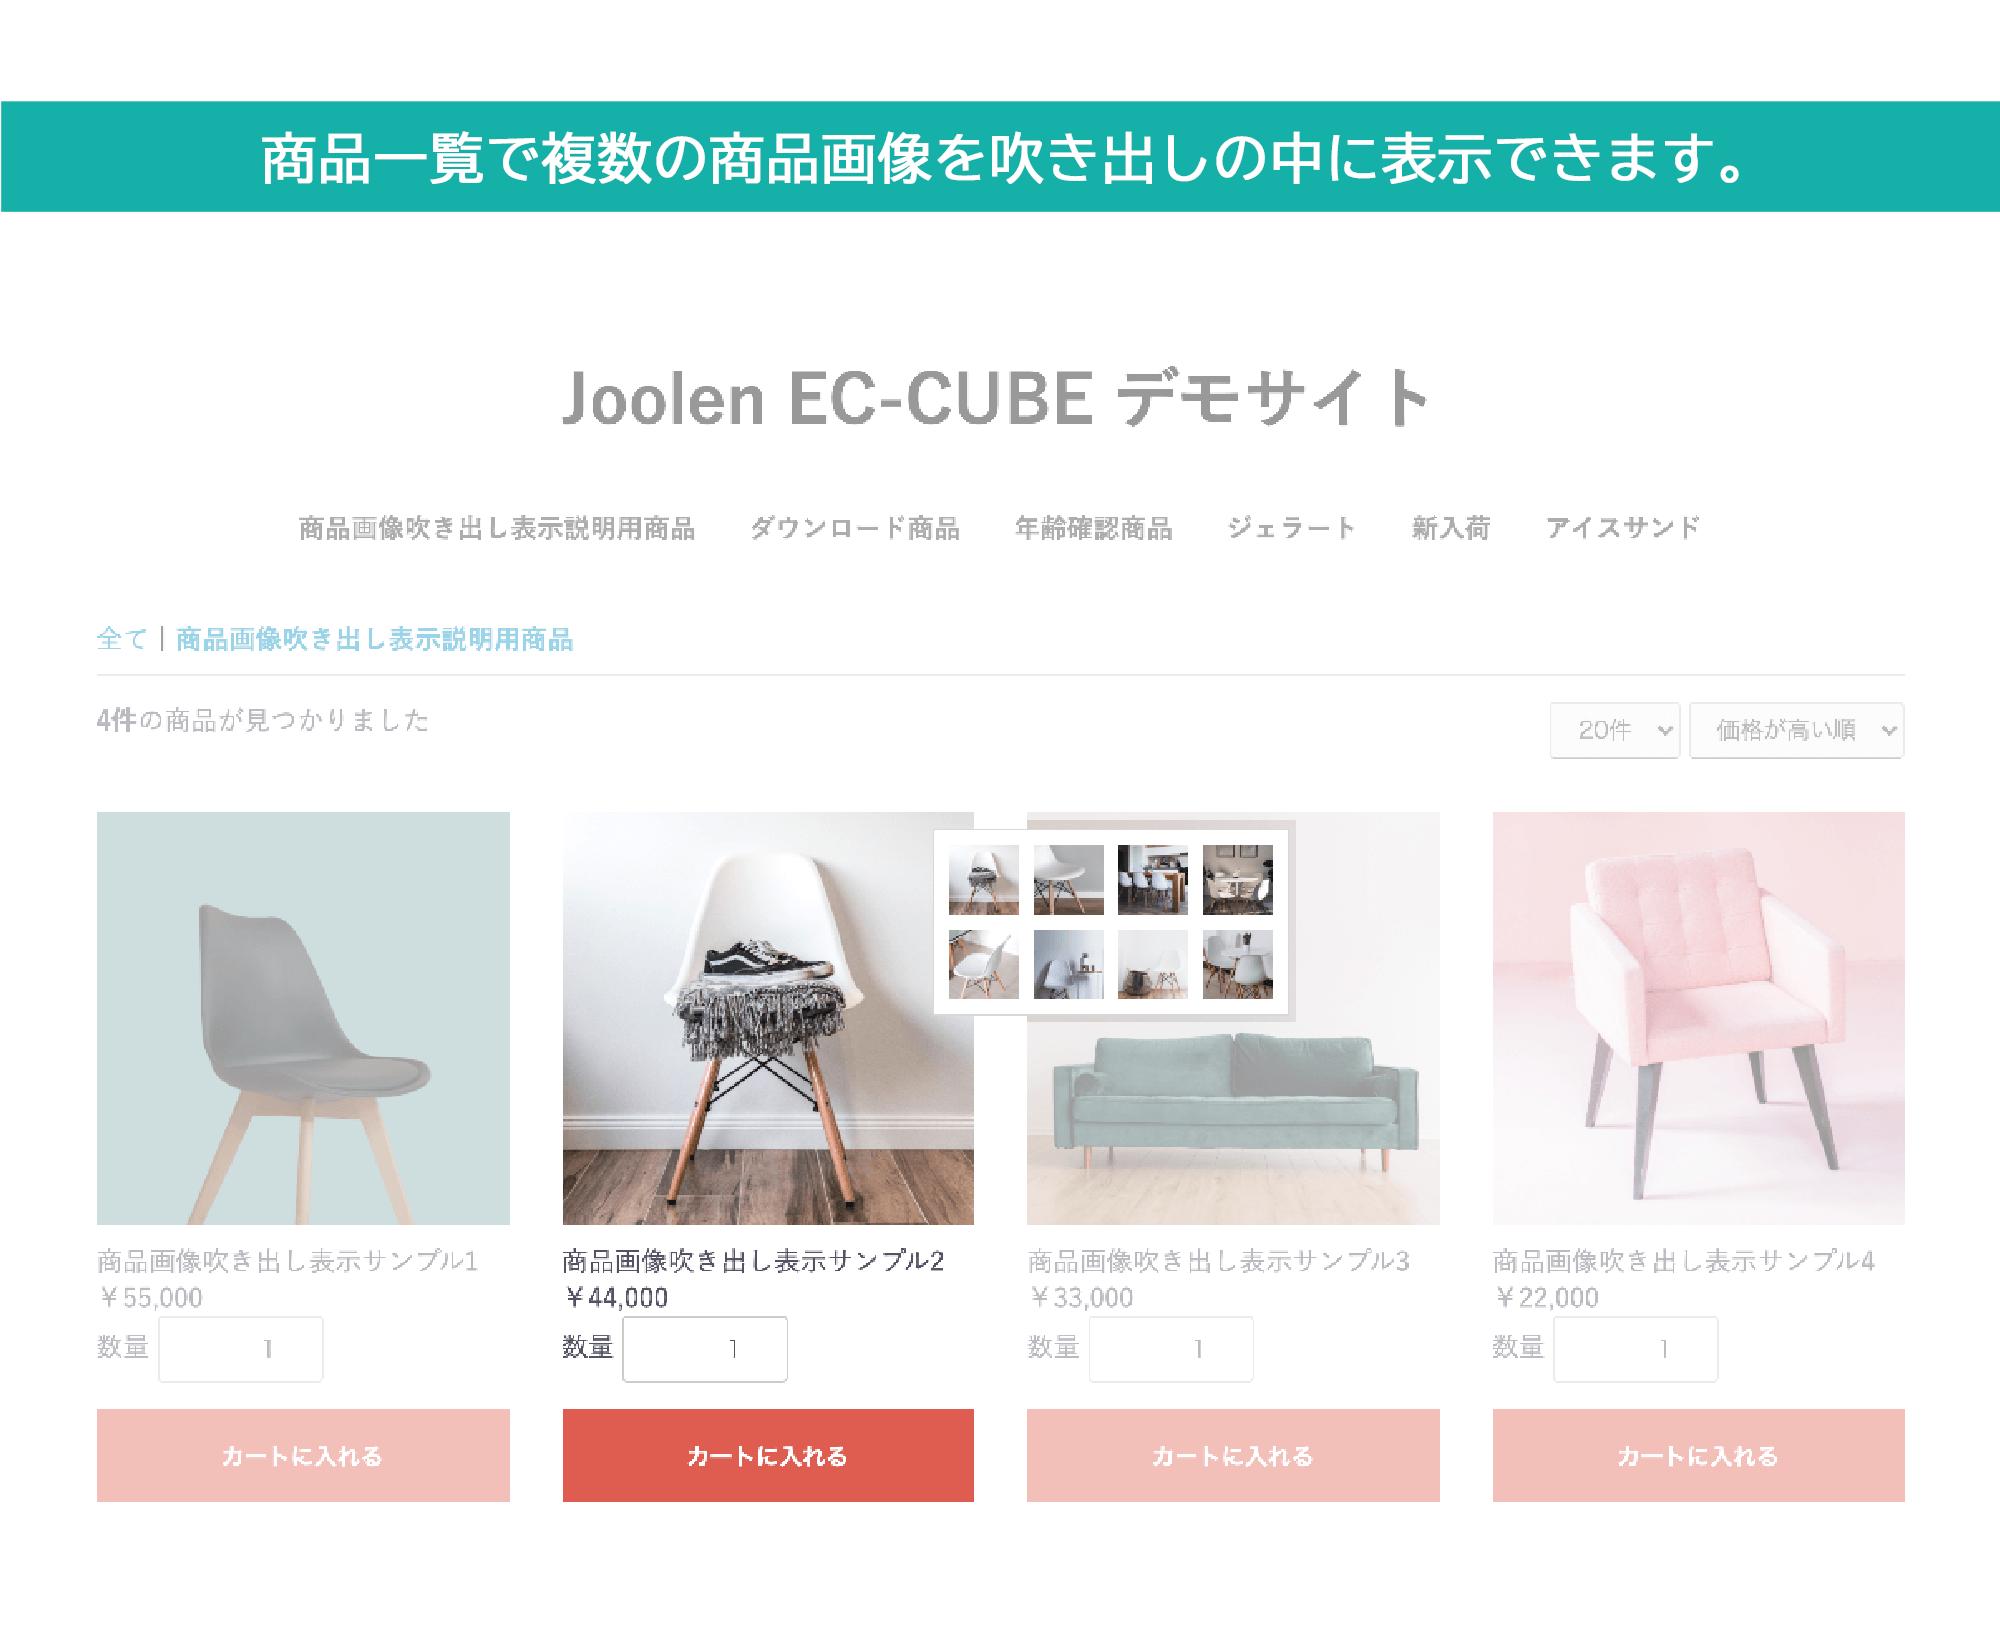 商品画像吹き出し表示プラグイン for EC-CUBE 4.0